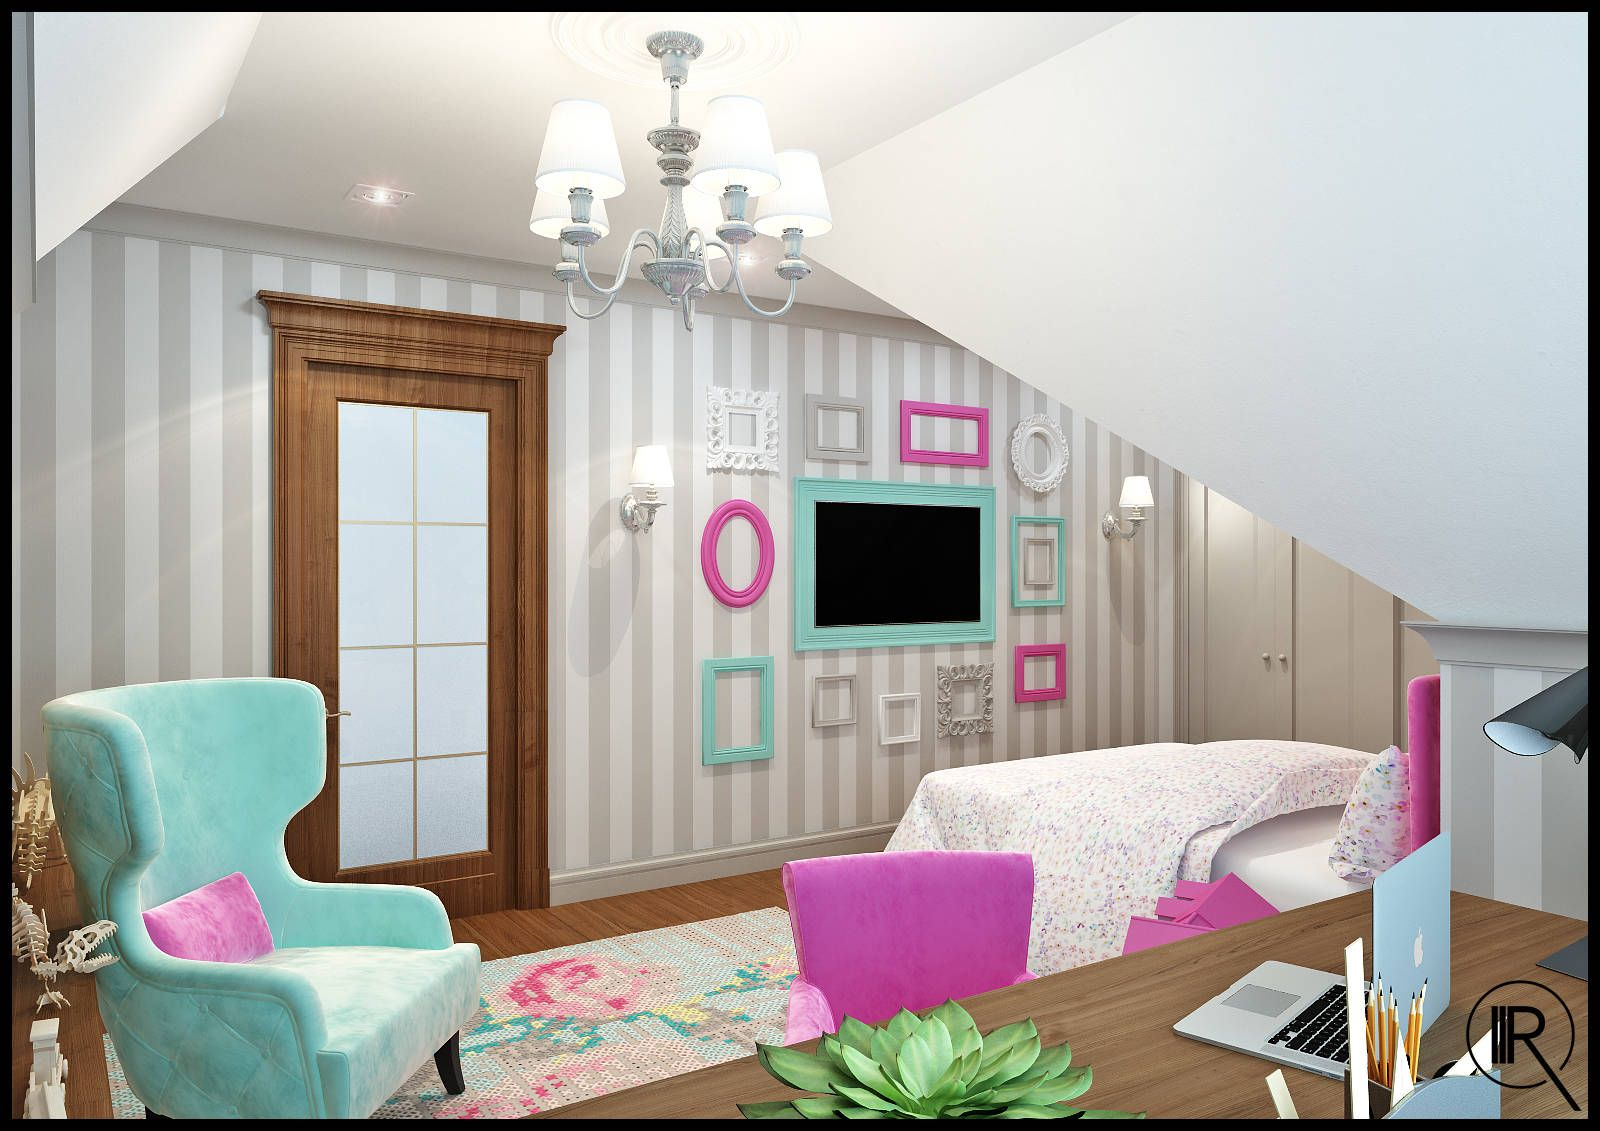 Rec maras infantiles de estilo por rash studio decoracion infantil pinterest dormitorios - Dormitorios infantiles clasicos ...